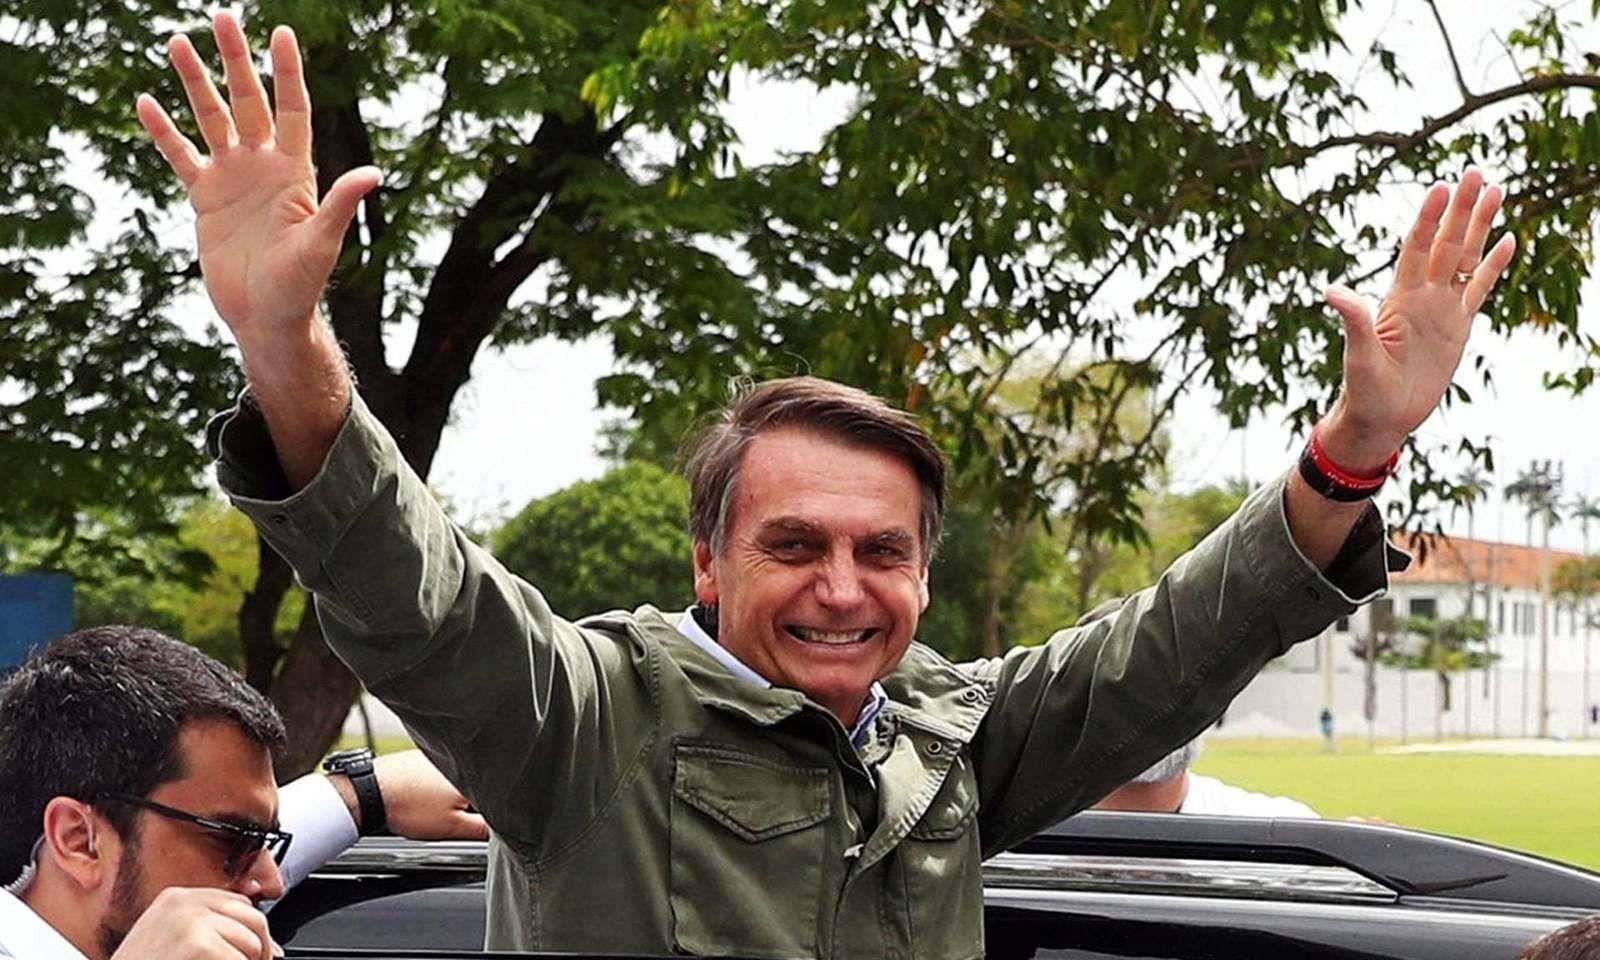 Жүжигчин ДиКаприо мөнгө төлж Амазоны ширэнгийг шатаалгаж байна гэж Бразилын ерөнхийлөгч мэдэгдэв